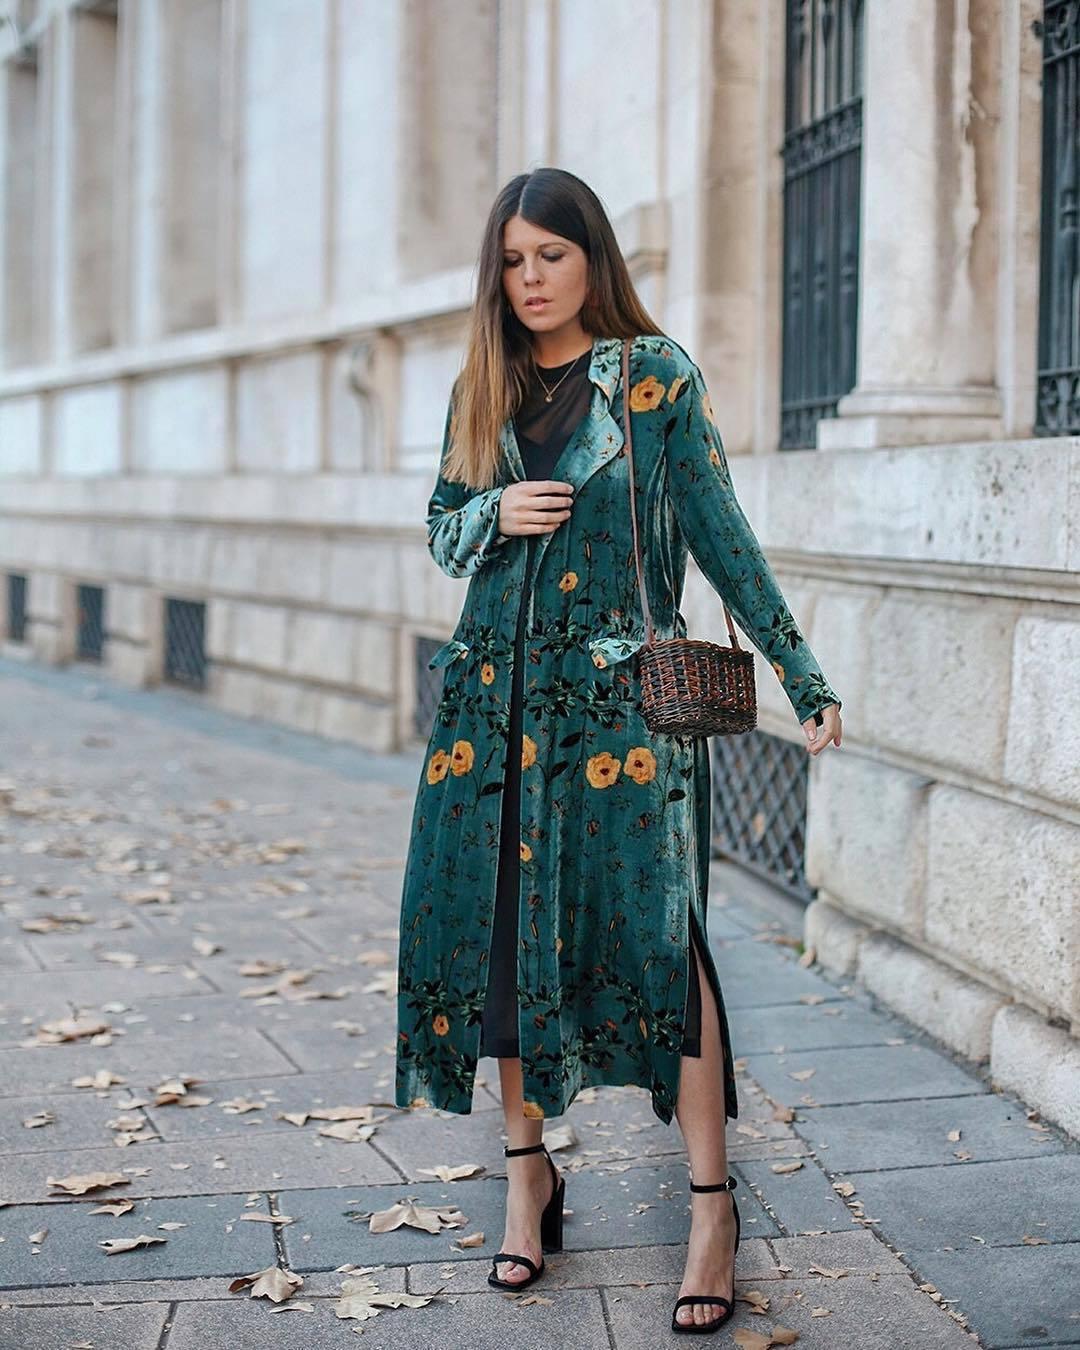 coat green coat velvet floral black heels high heel sandals brown bag shoulder bag black dress midi dress